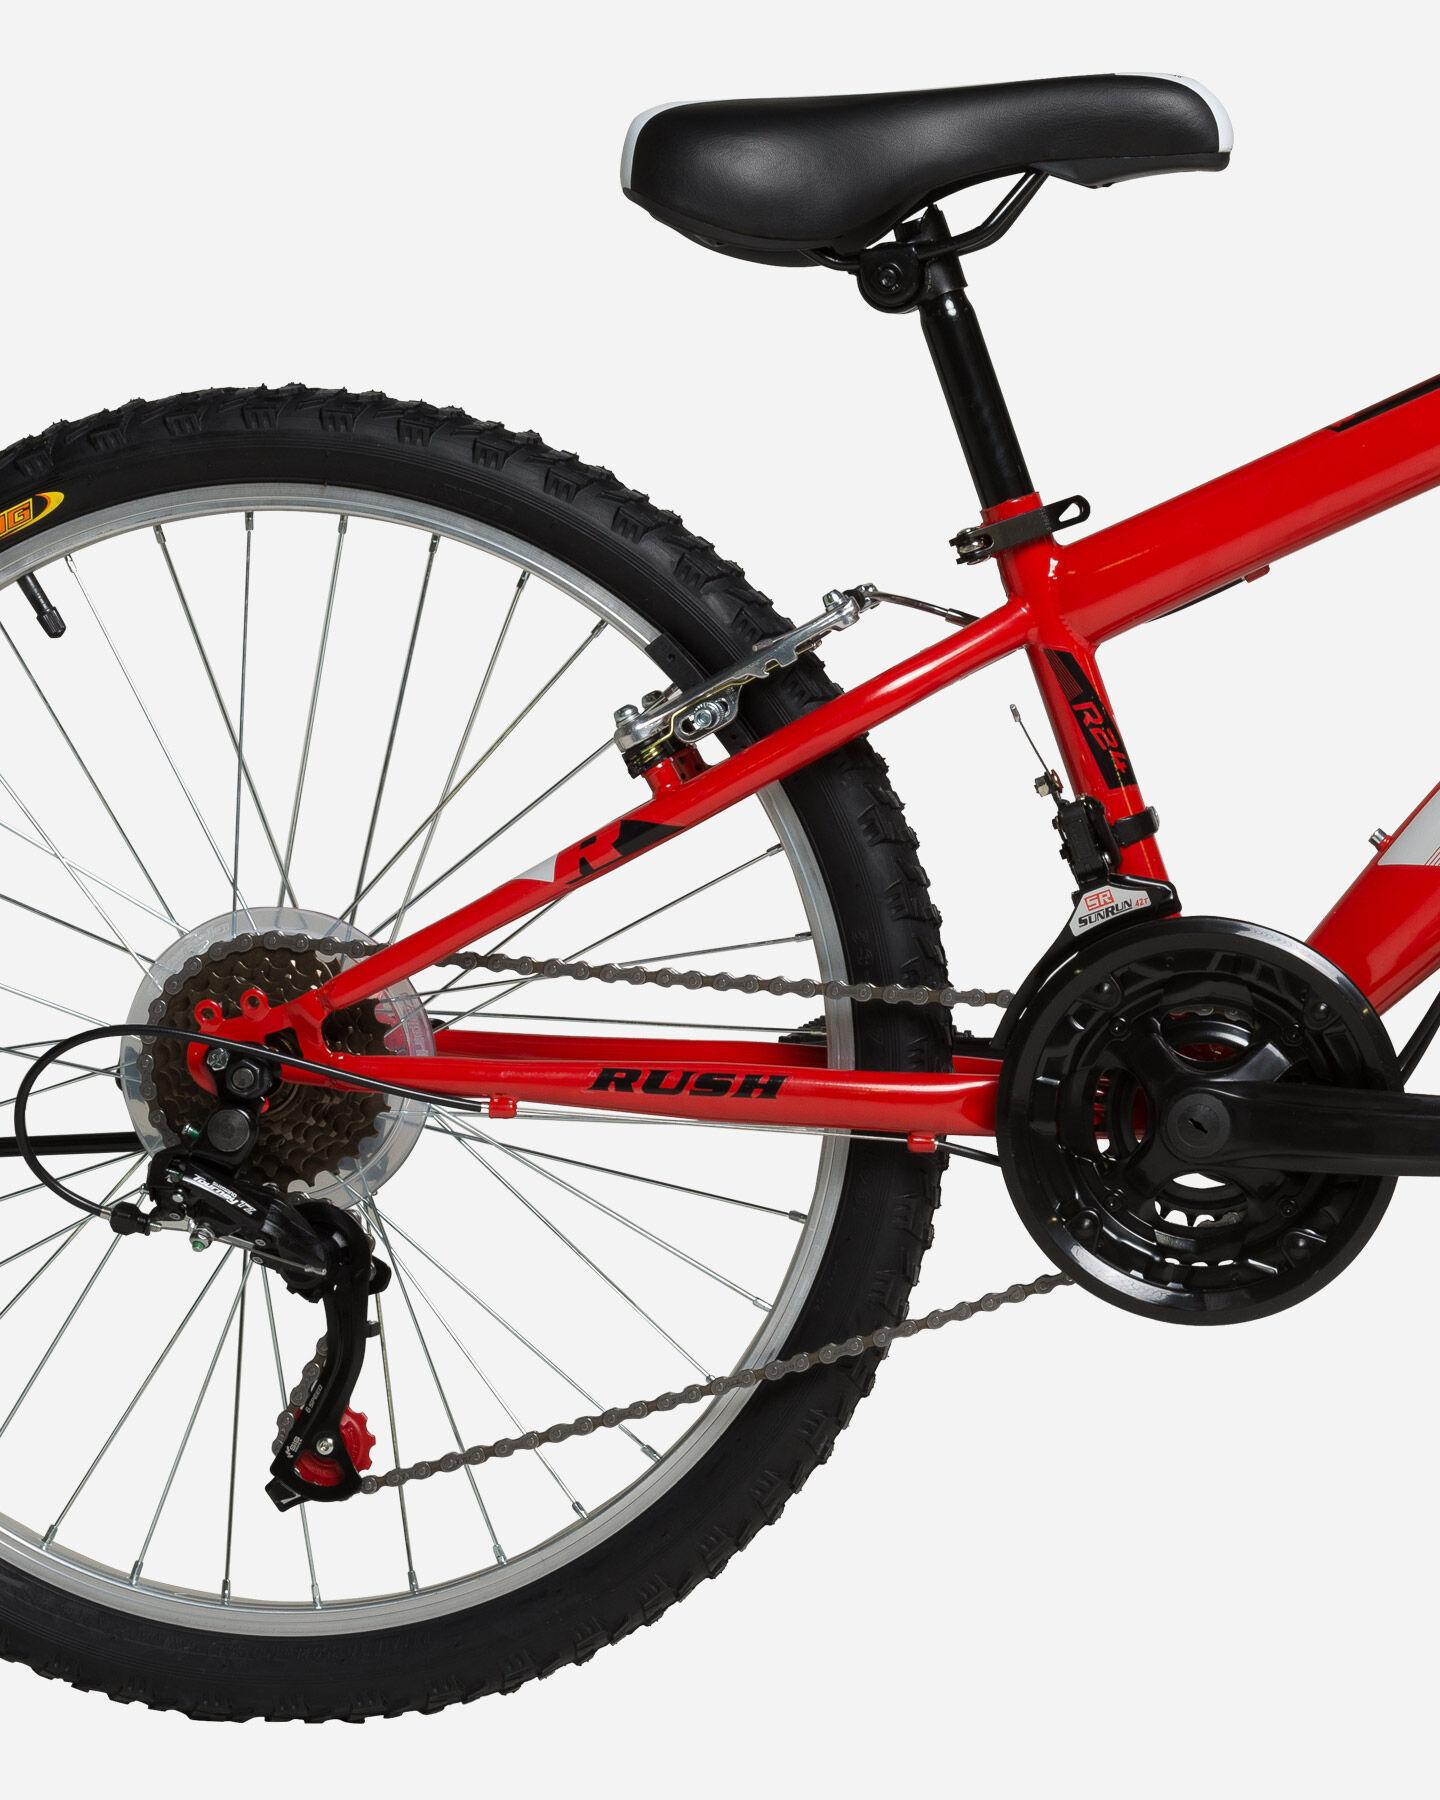 Bici junior RUSH BIKE 24 JR S4081792|1|UNI scatto 1